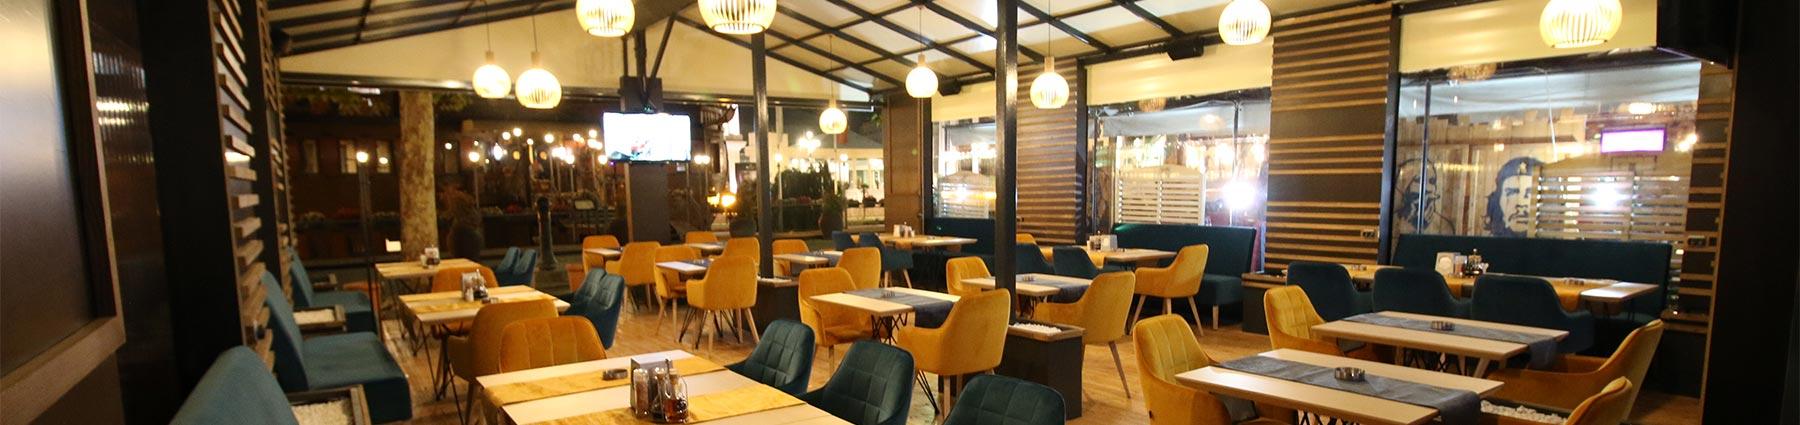 Restaurant Passion